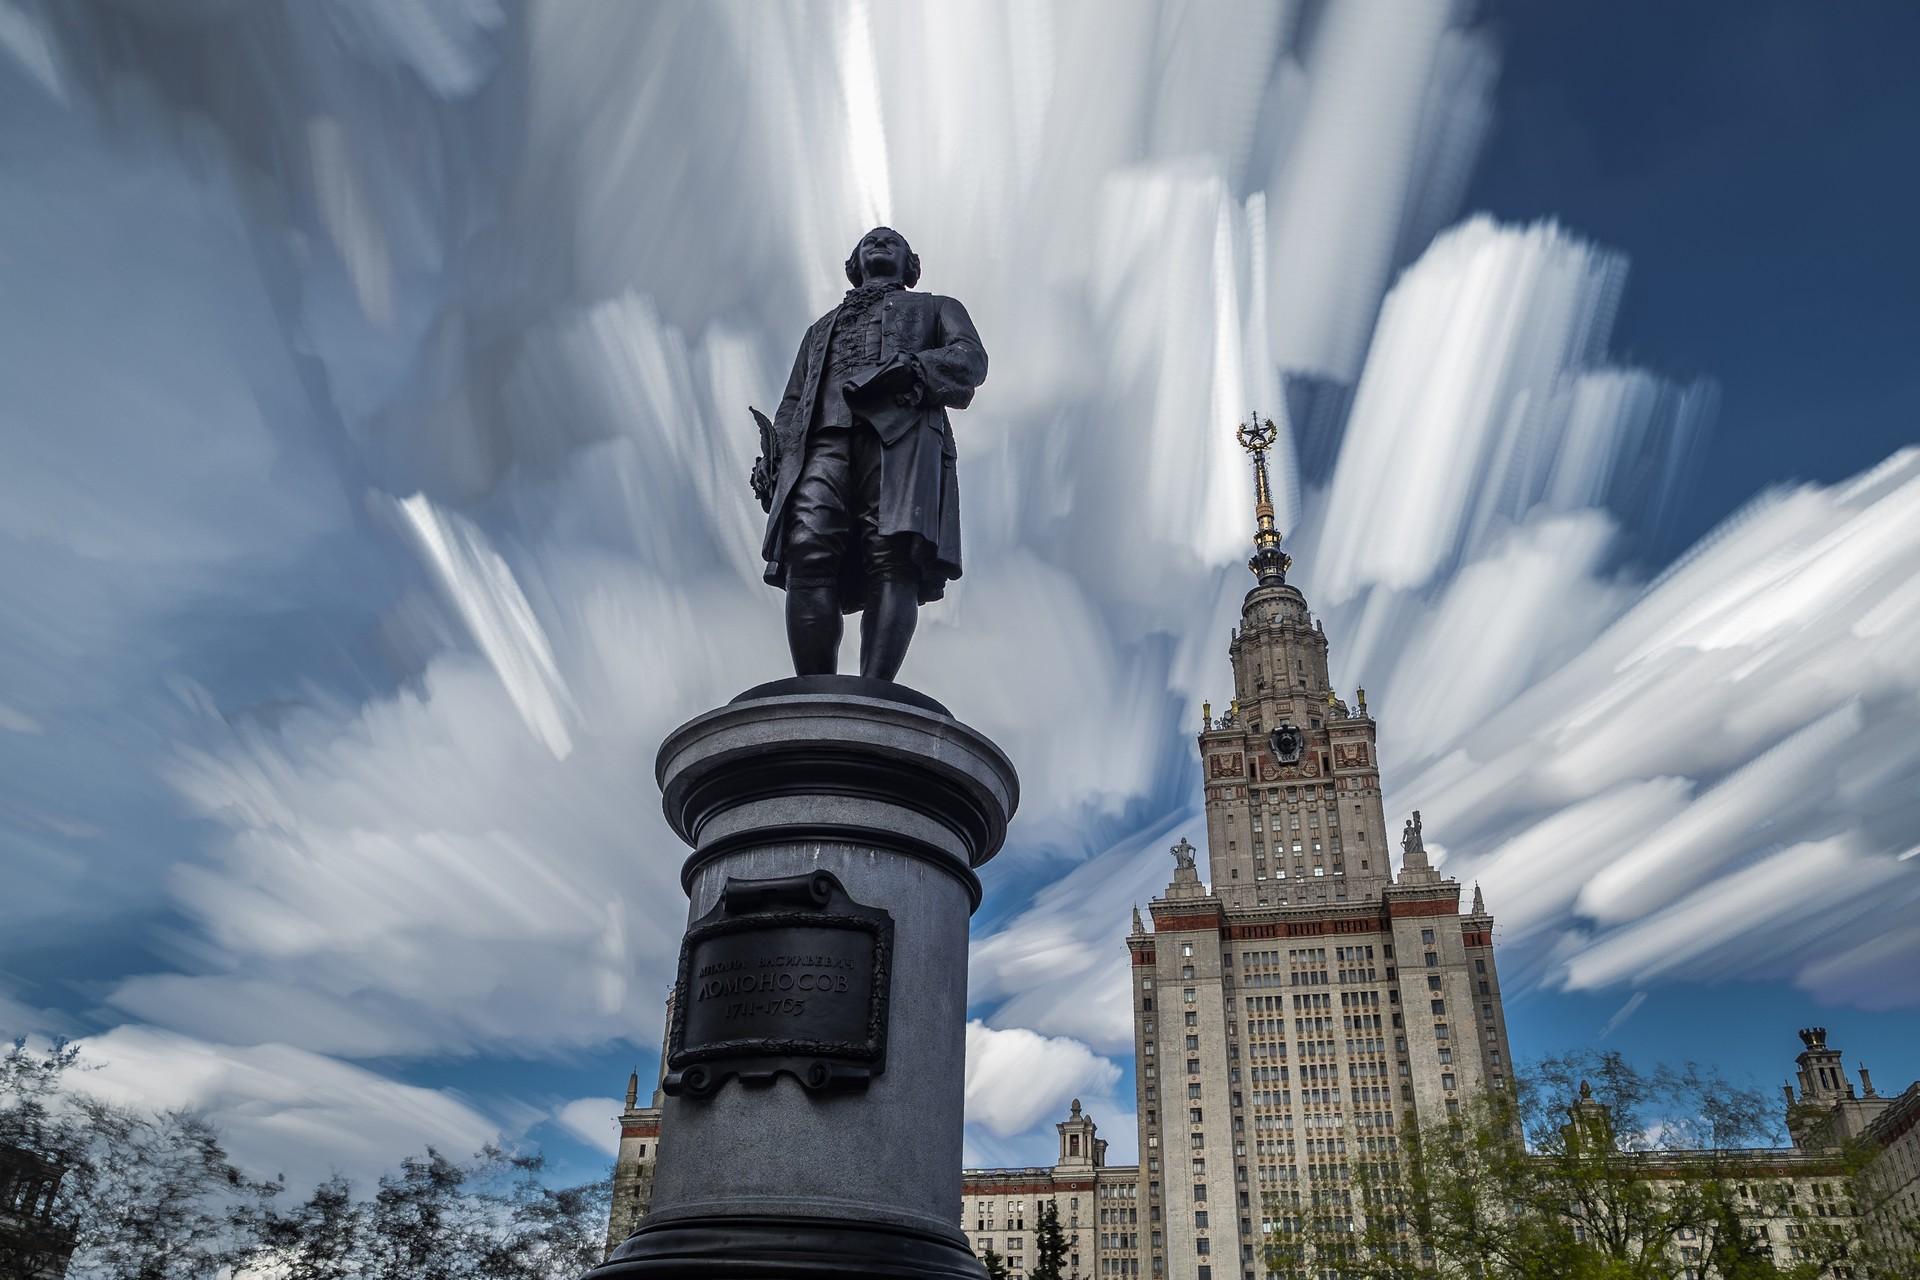 Споменик Михаилу Ломоносову у центру Москве